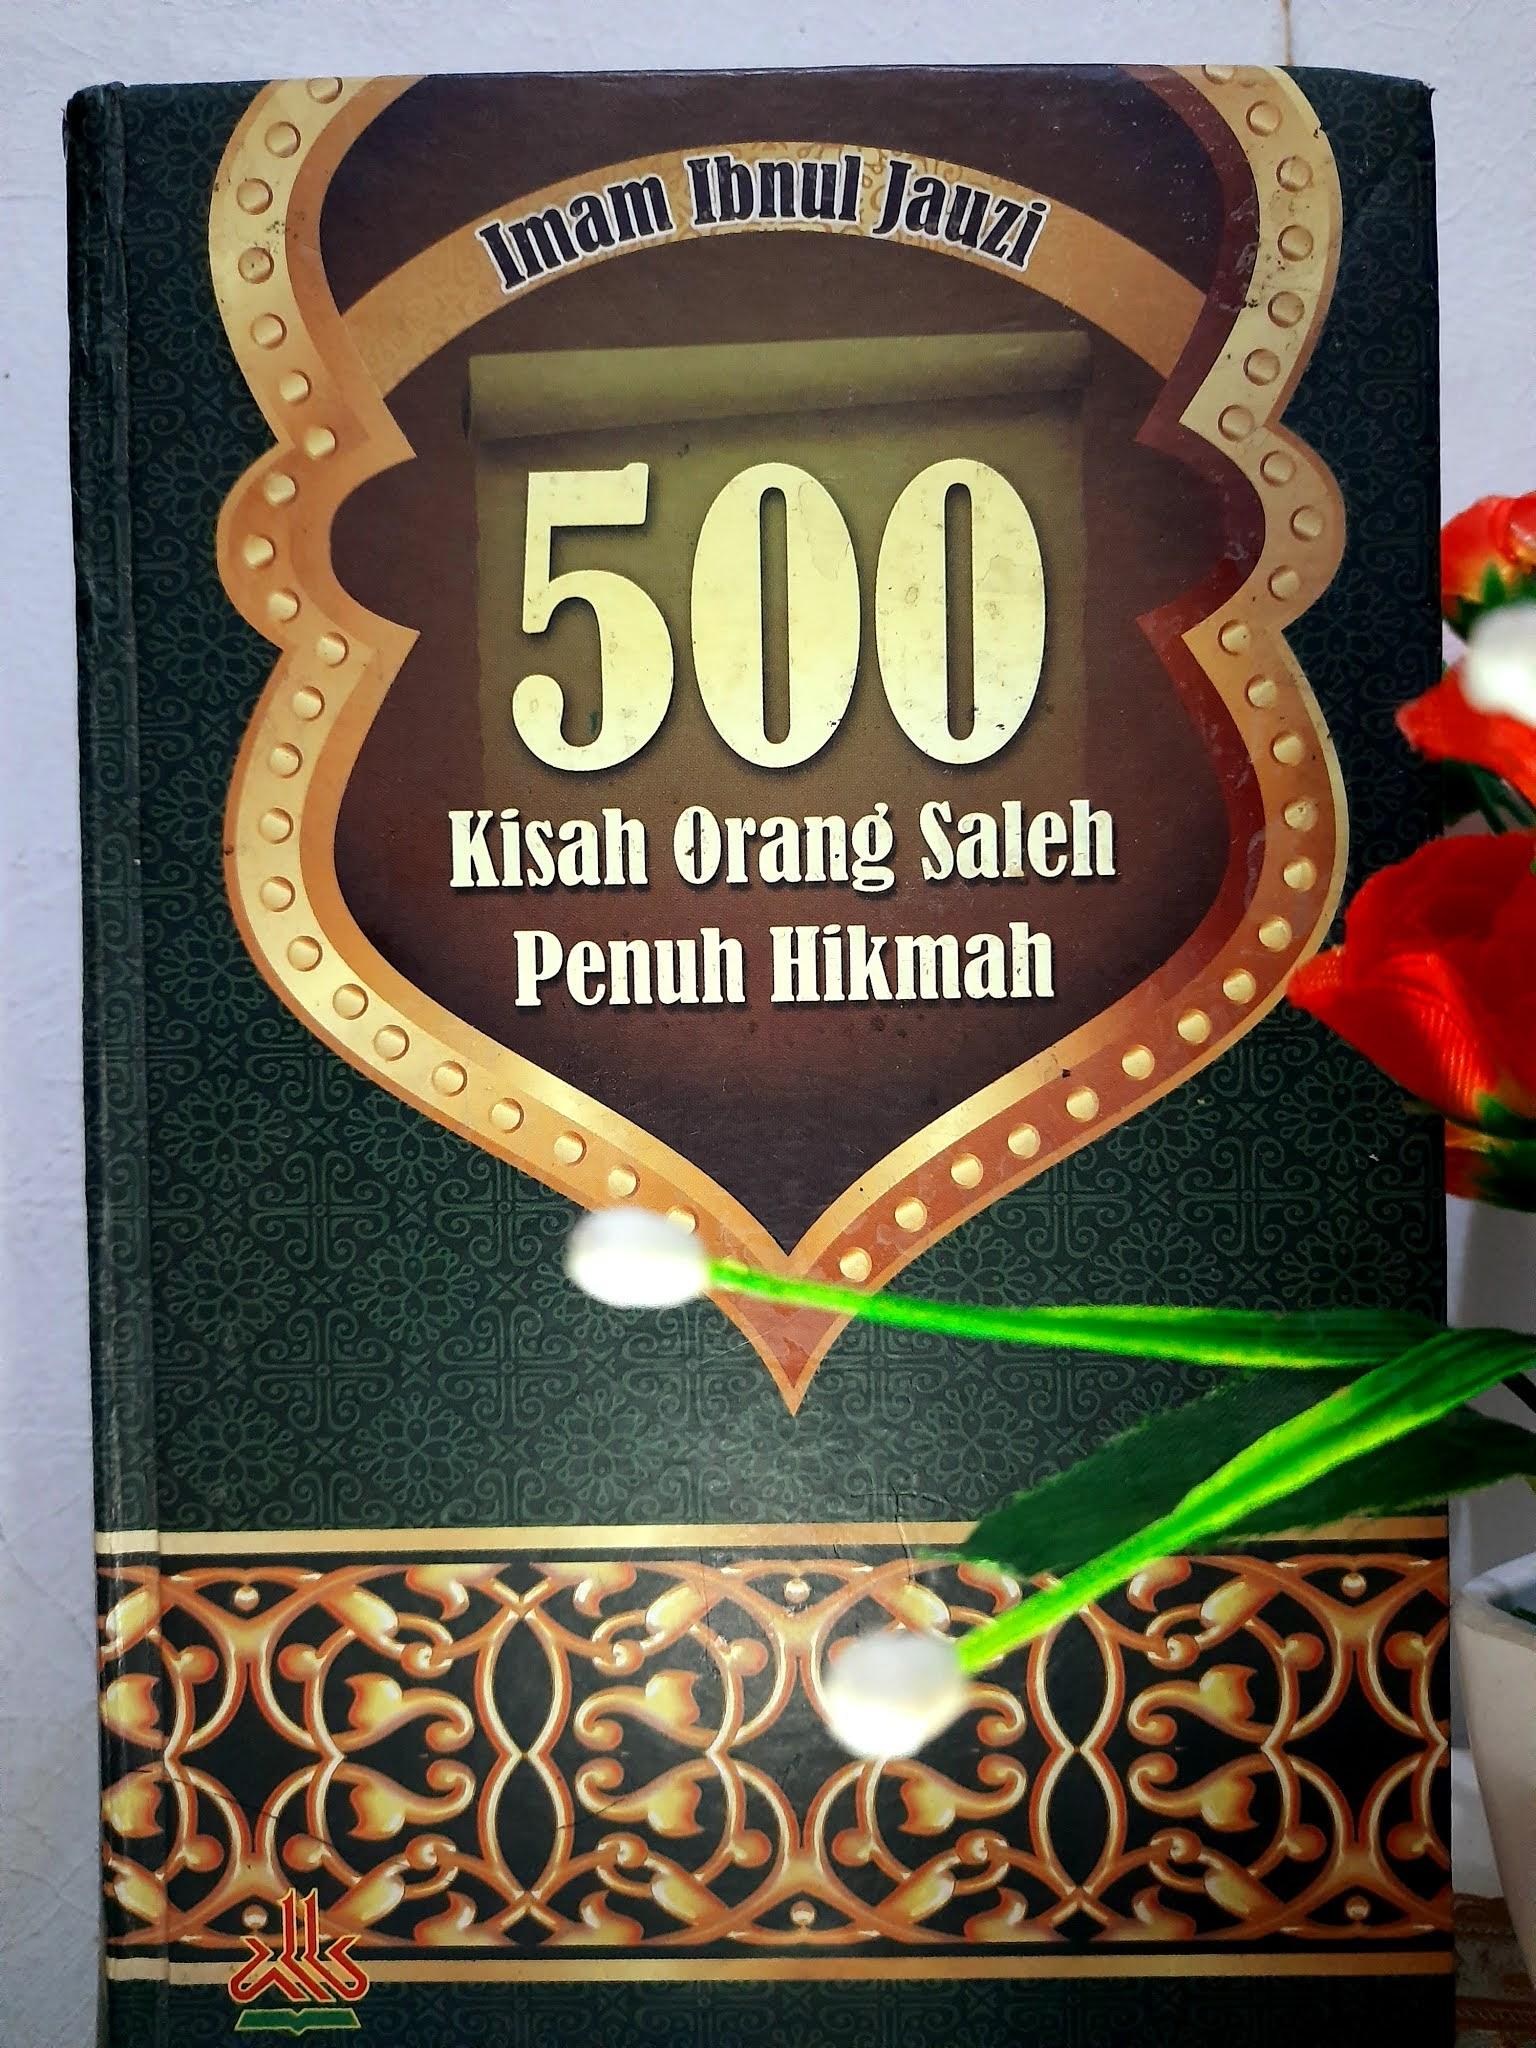 Kisah Orang Sholeh karya ibnul Jauzi rahimahullah yakni buku dongeng yang menjadi banyak r 500 Kisah Orang Sholeh